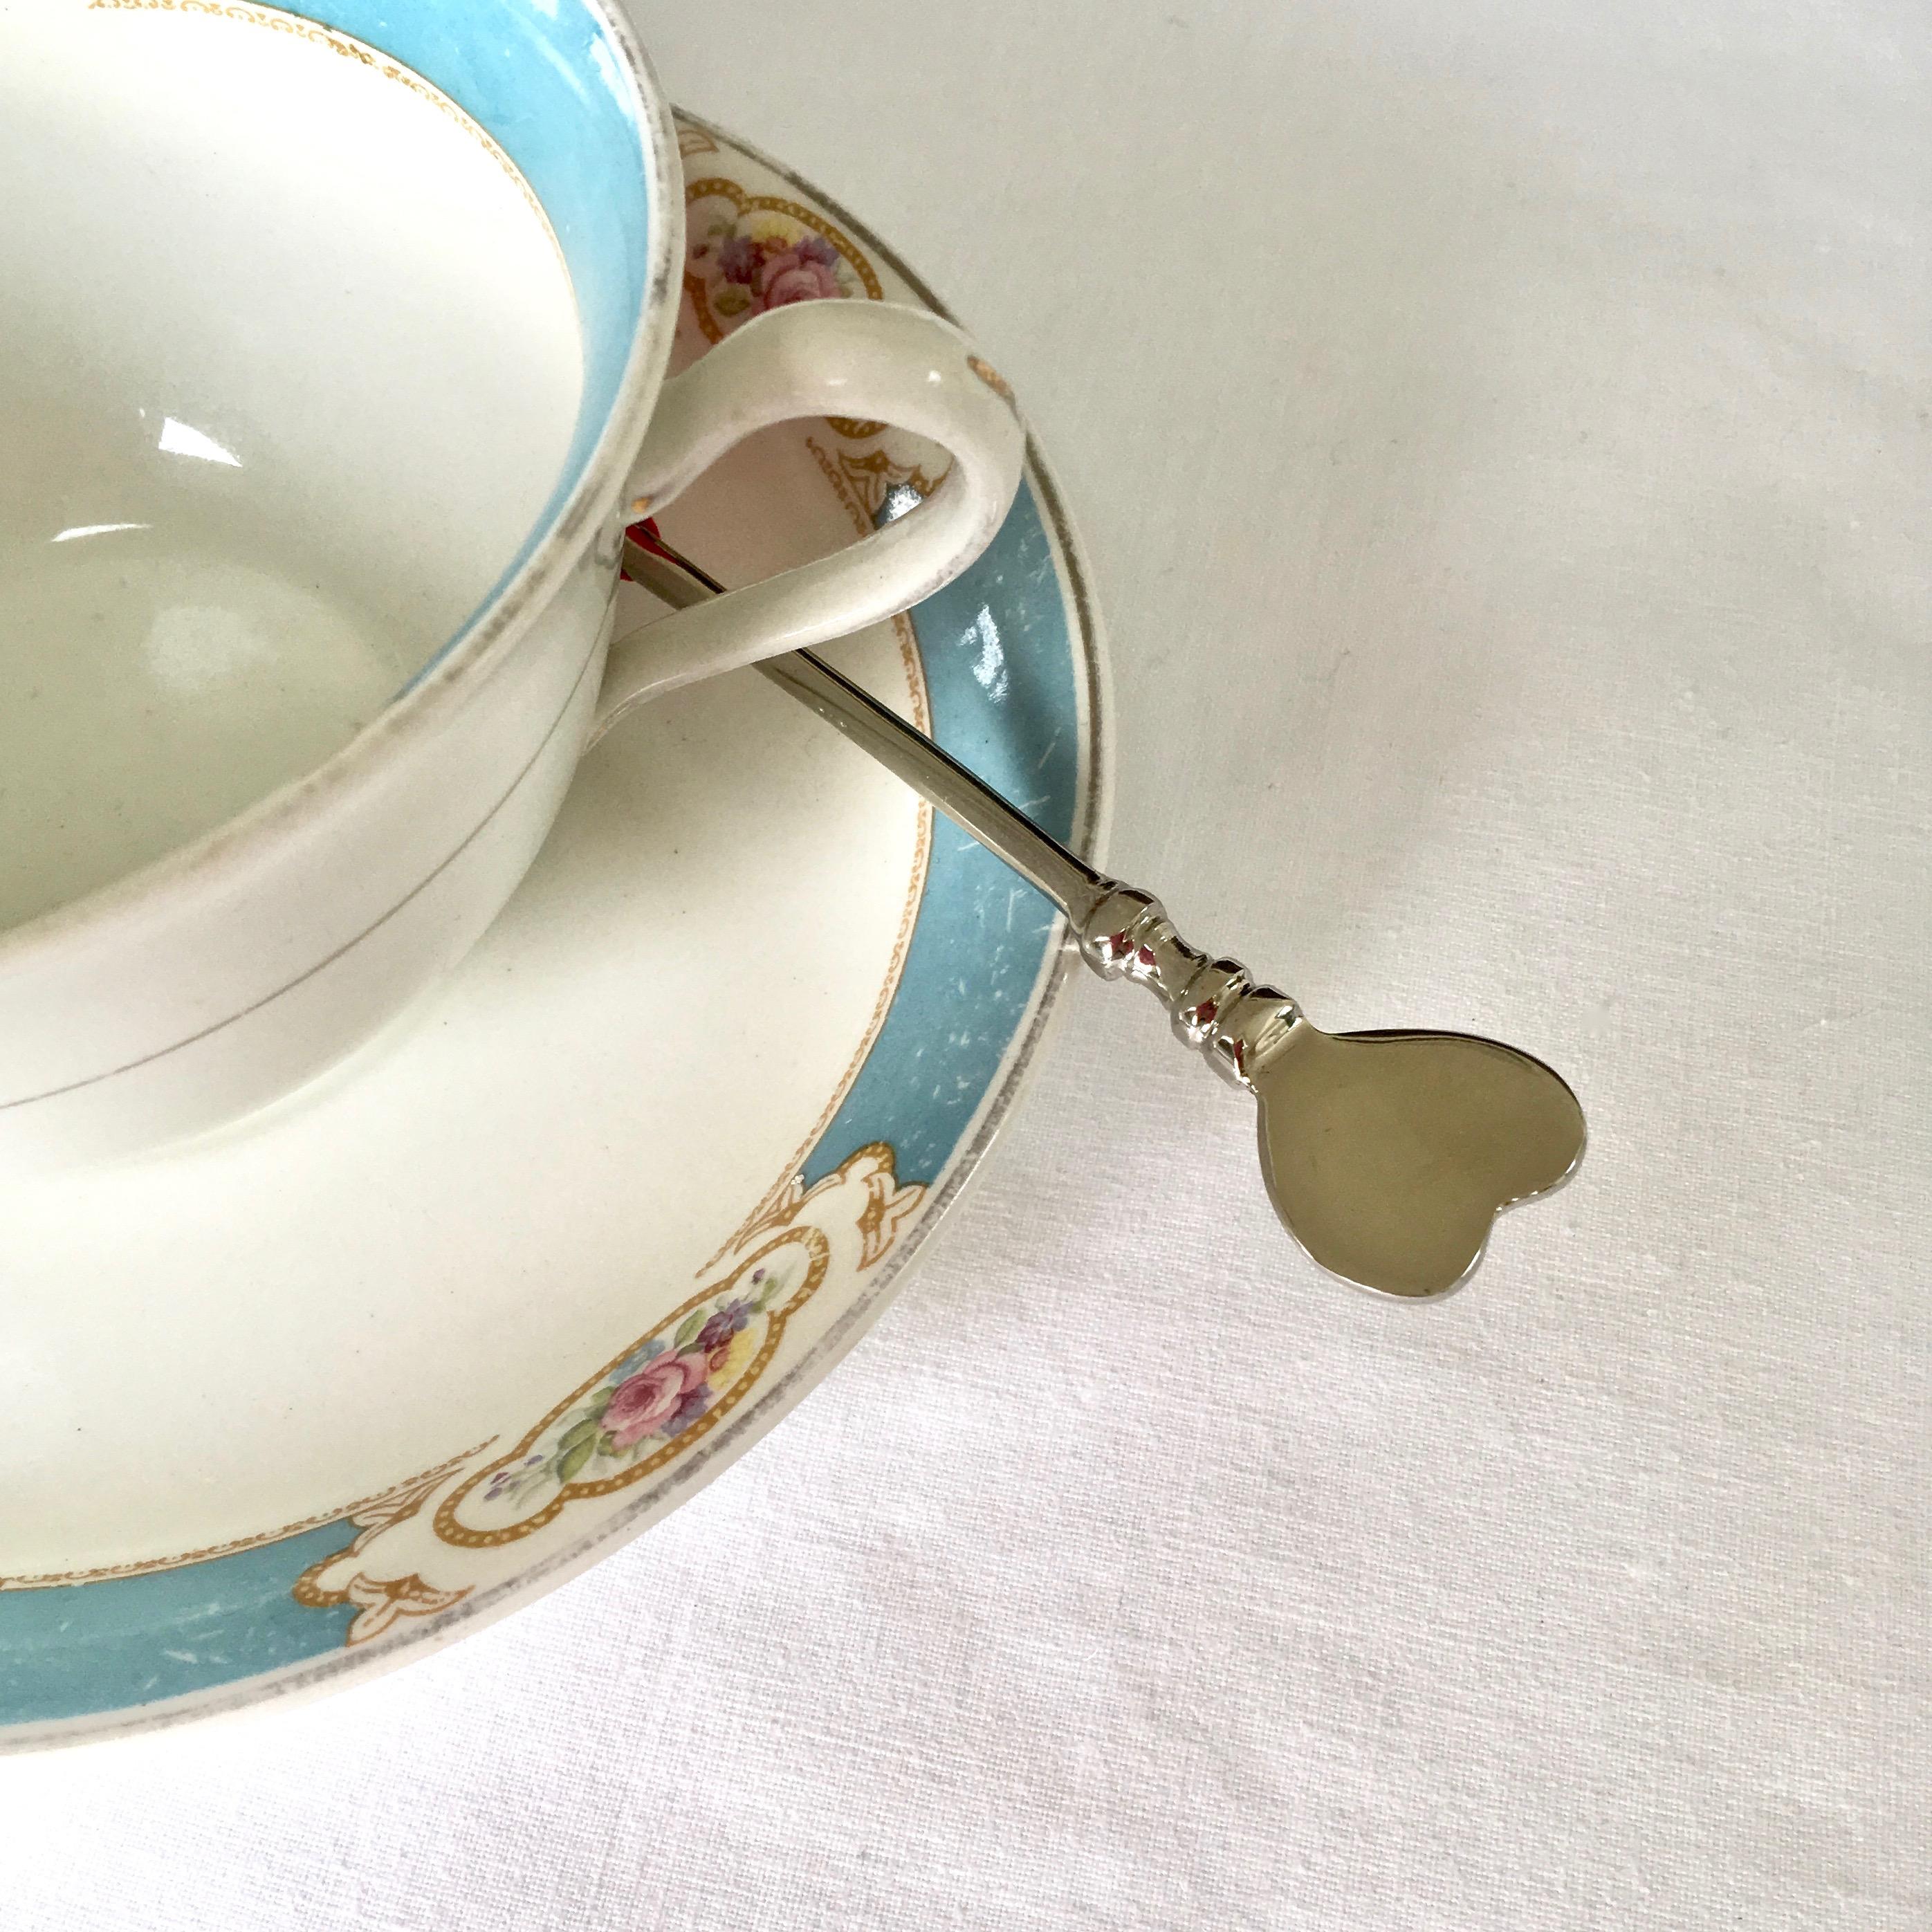 Pewter Heart Spoon